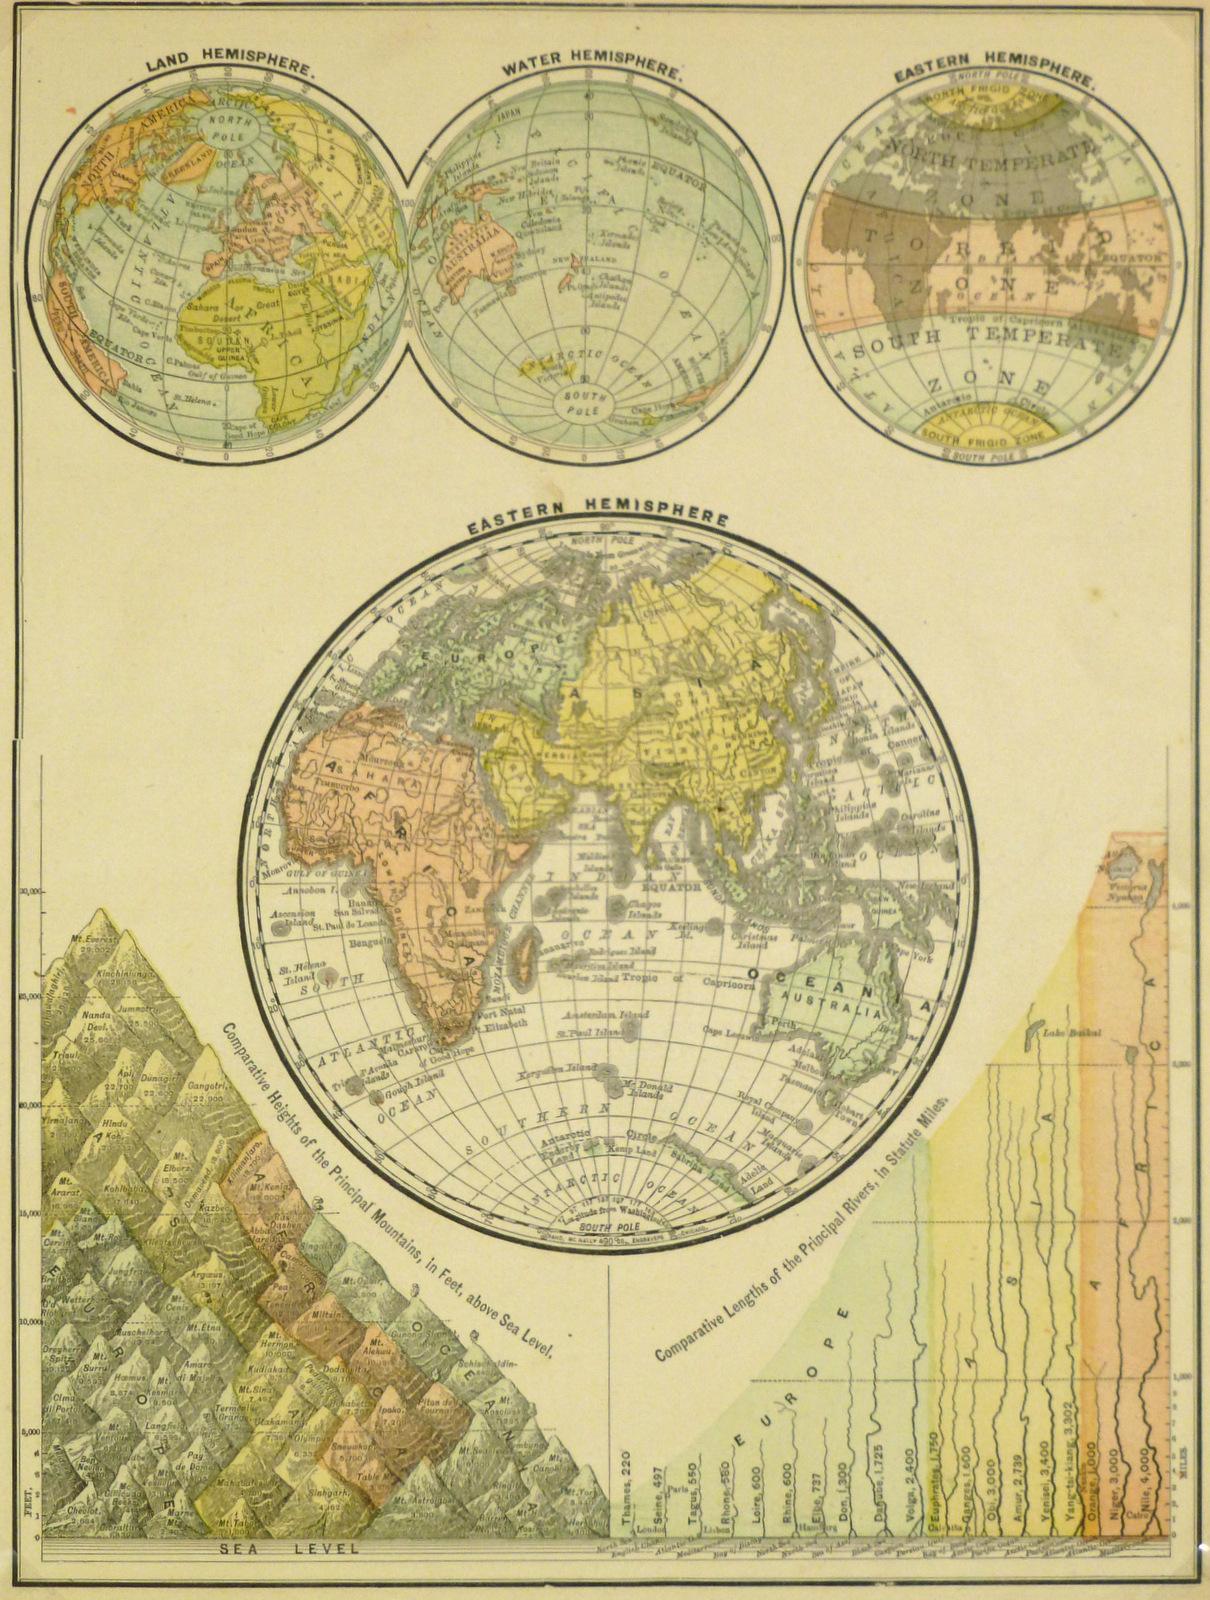 World Hemisphere Map, 1890-main-8198K